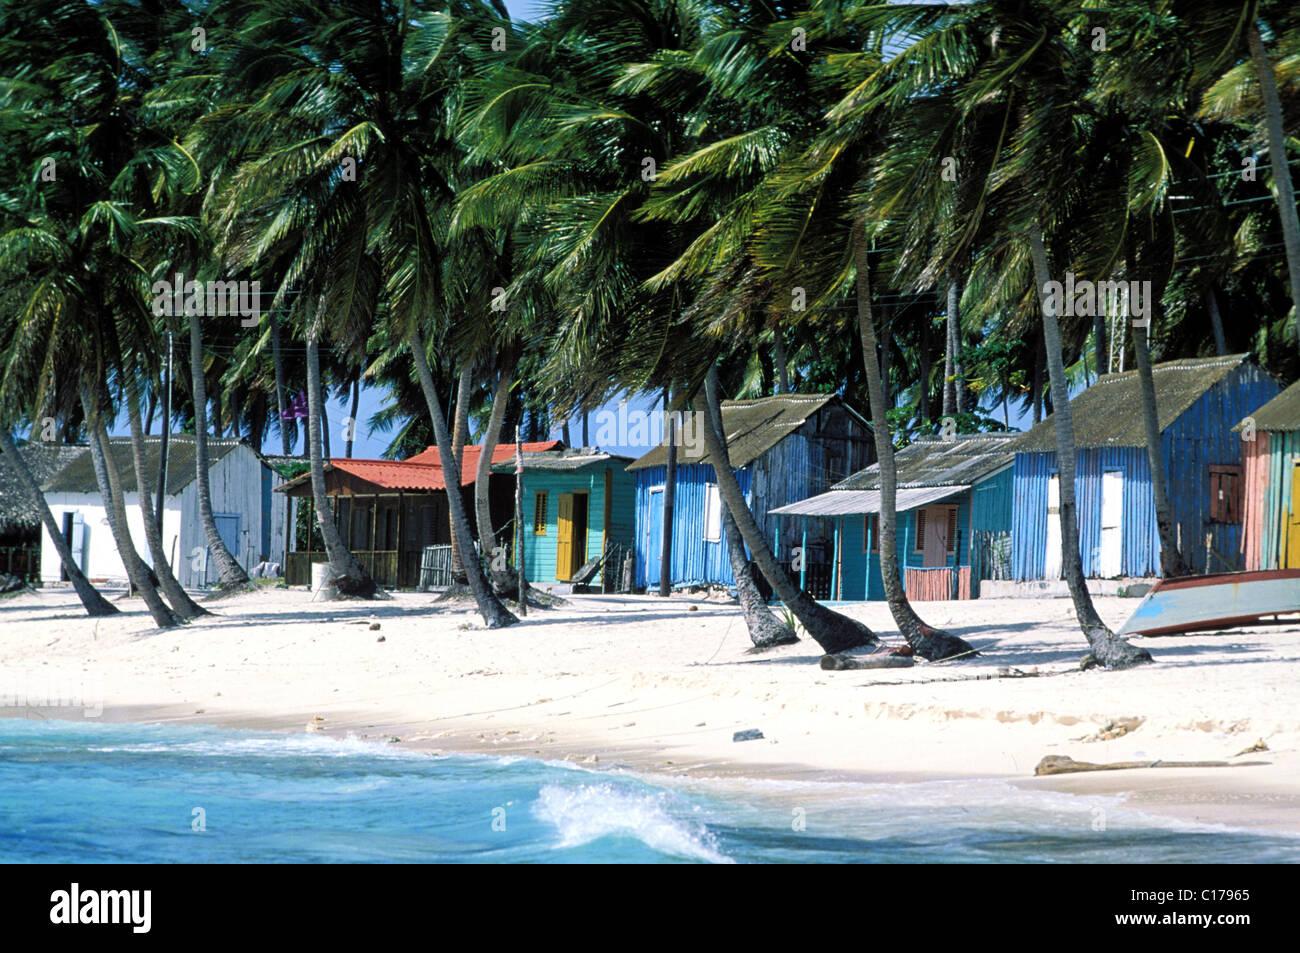 República Dominicana, Isla Saona, Mano Juan, pueblo pesquero Imagen De Stock